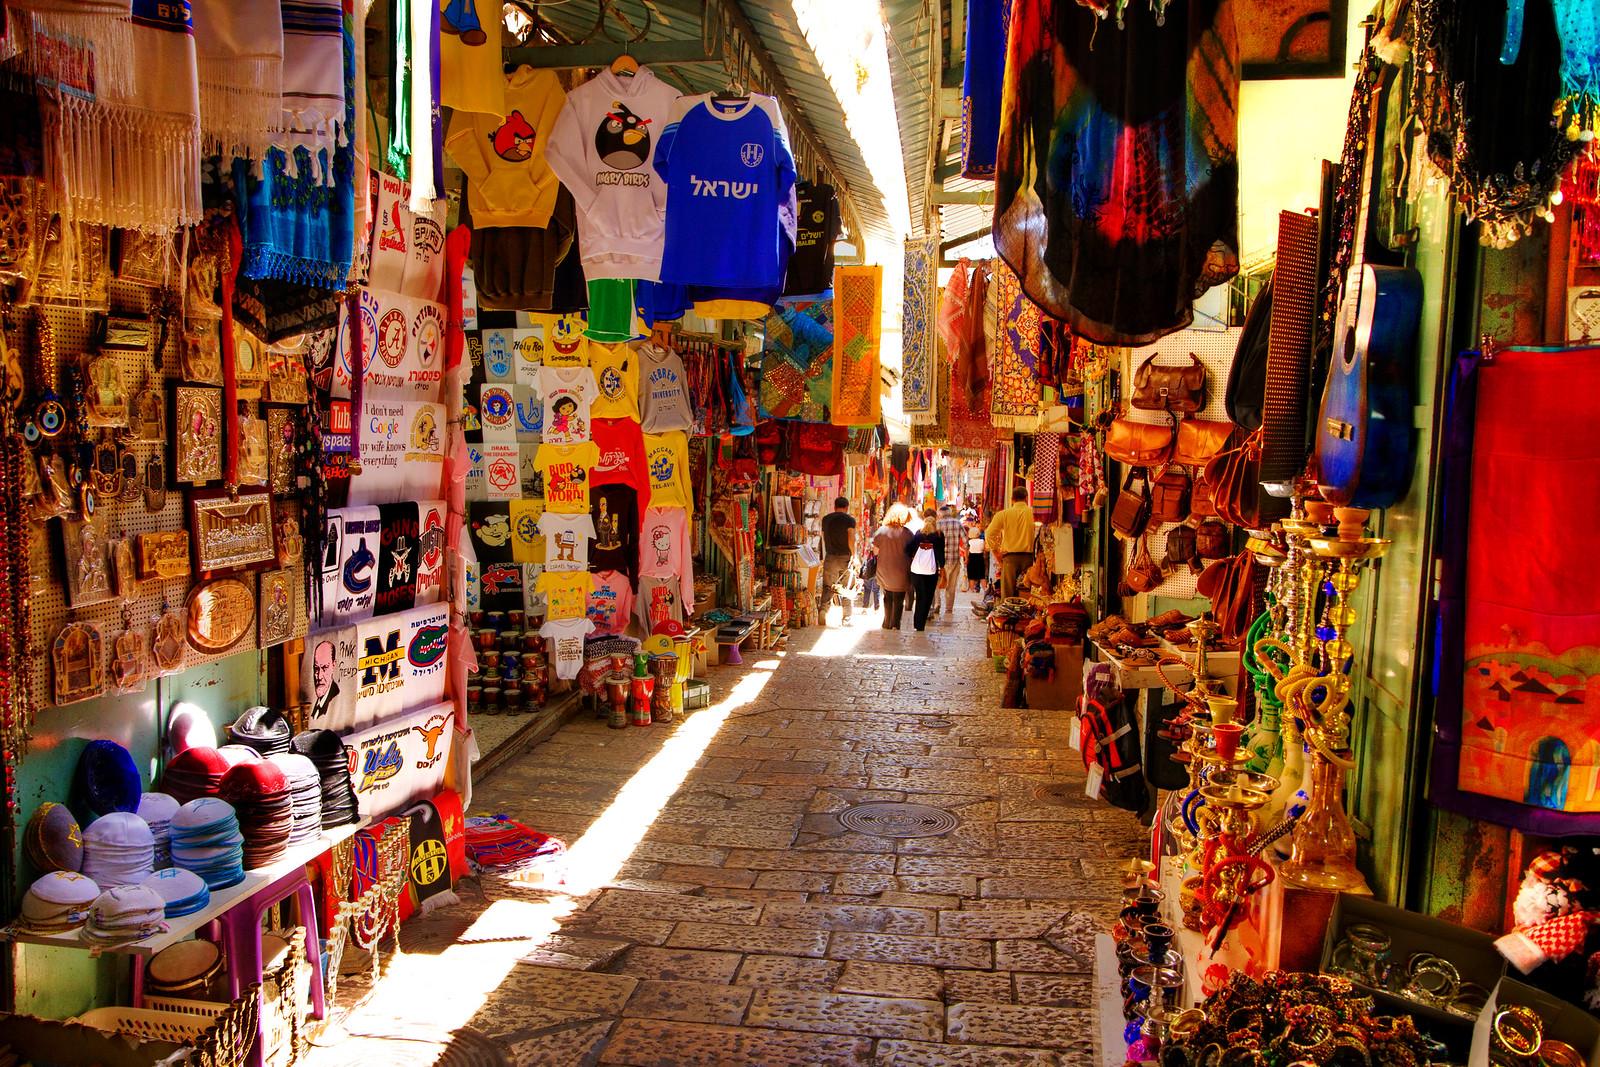 Jerusalem_Old City market_6_Noam Chen_ IMOT